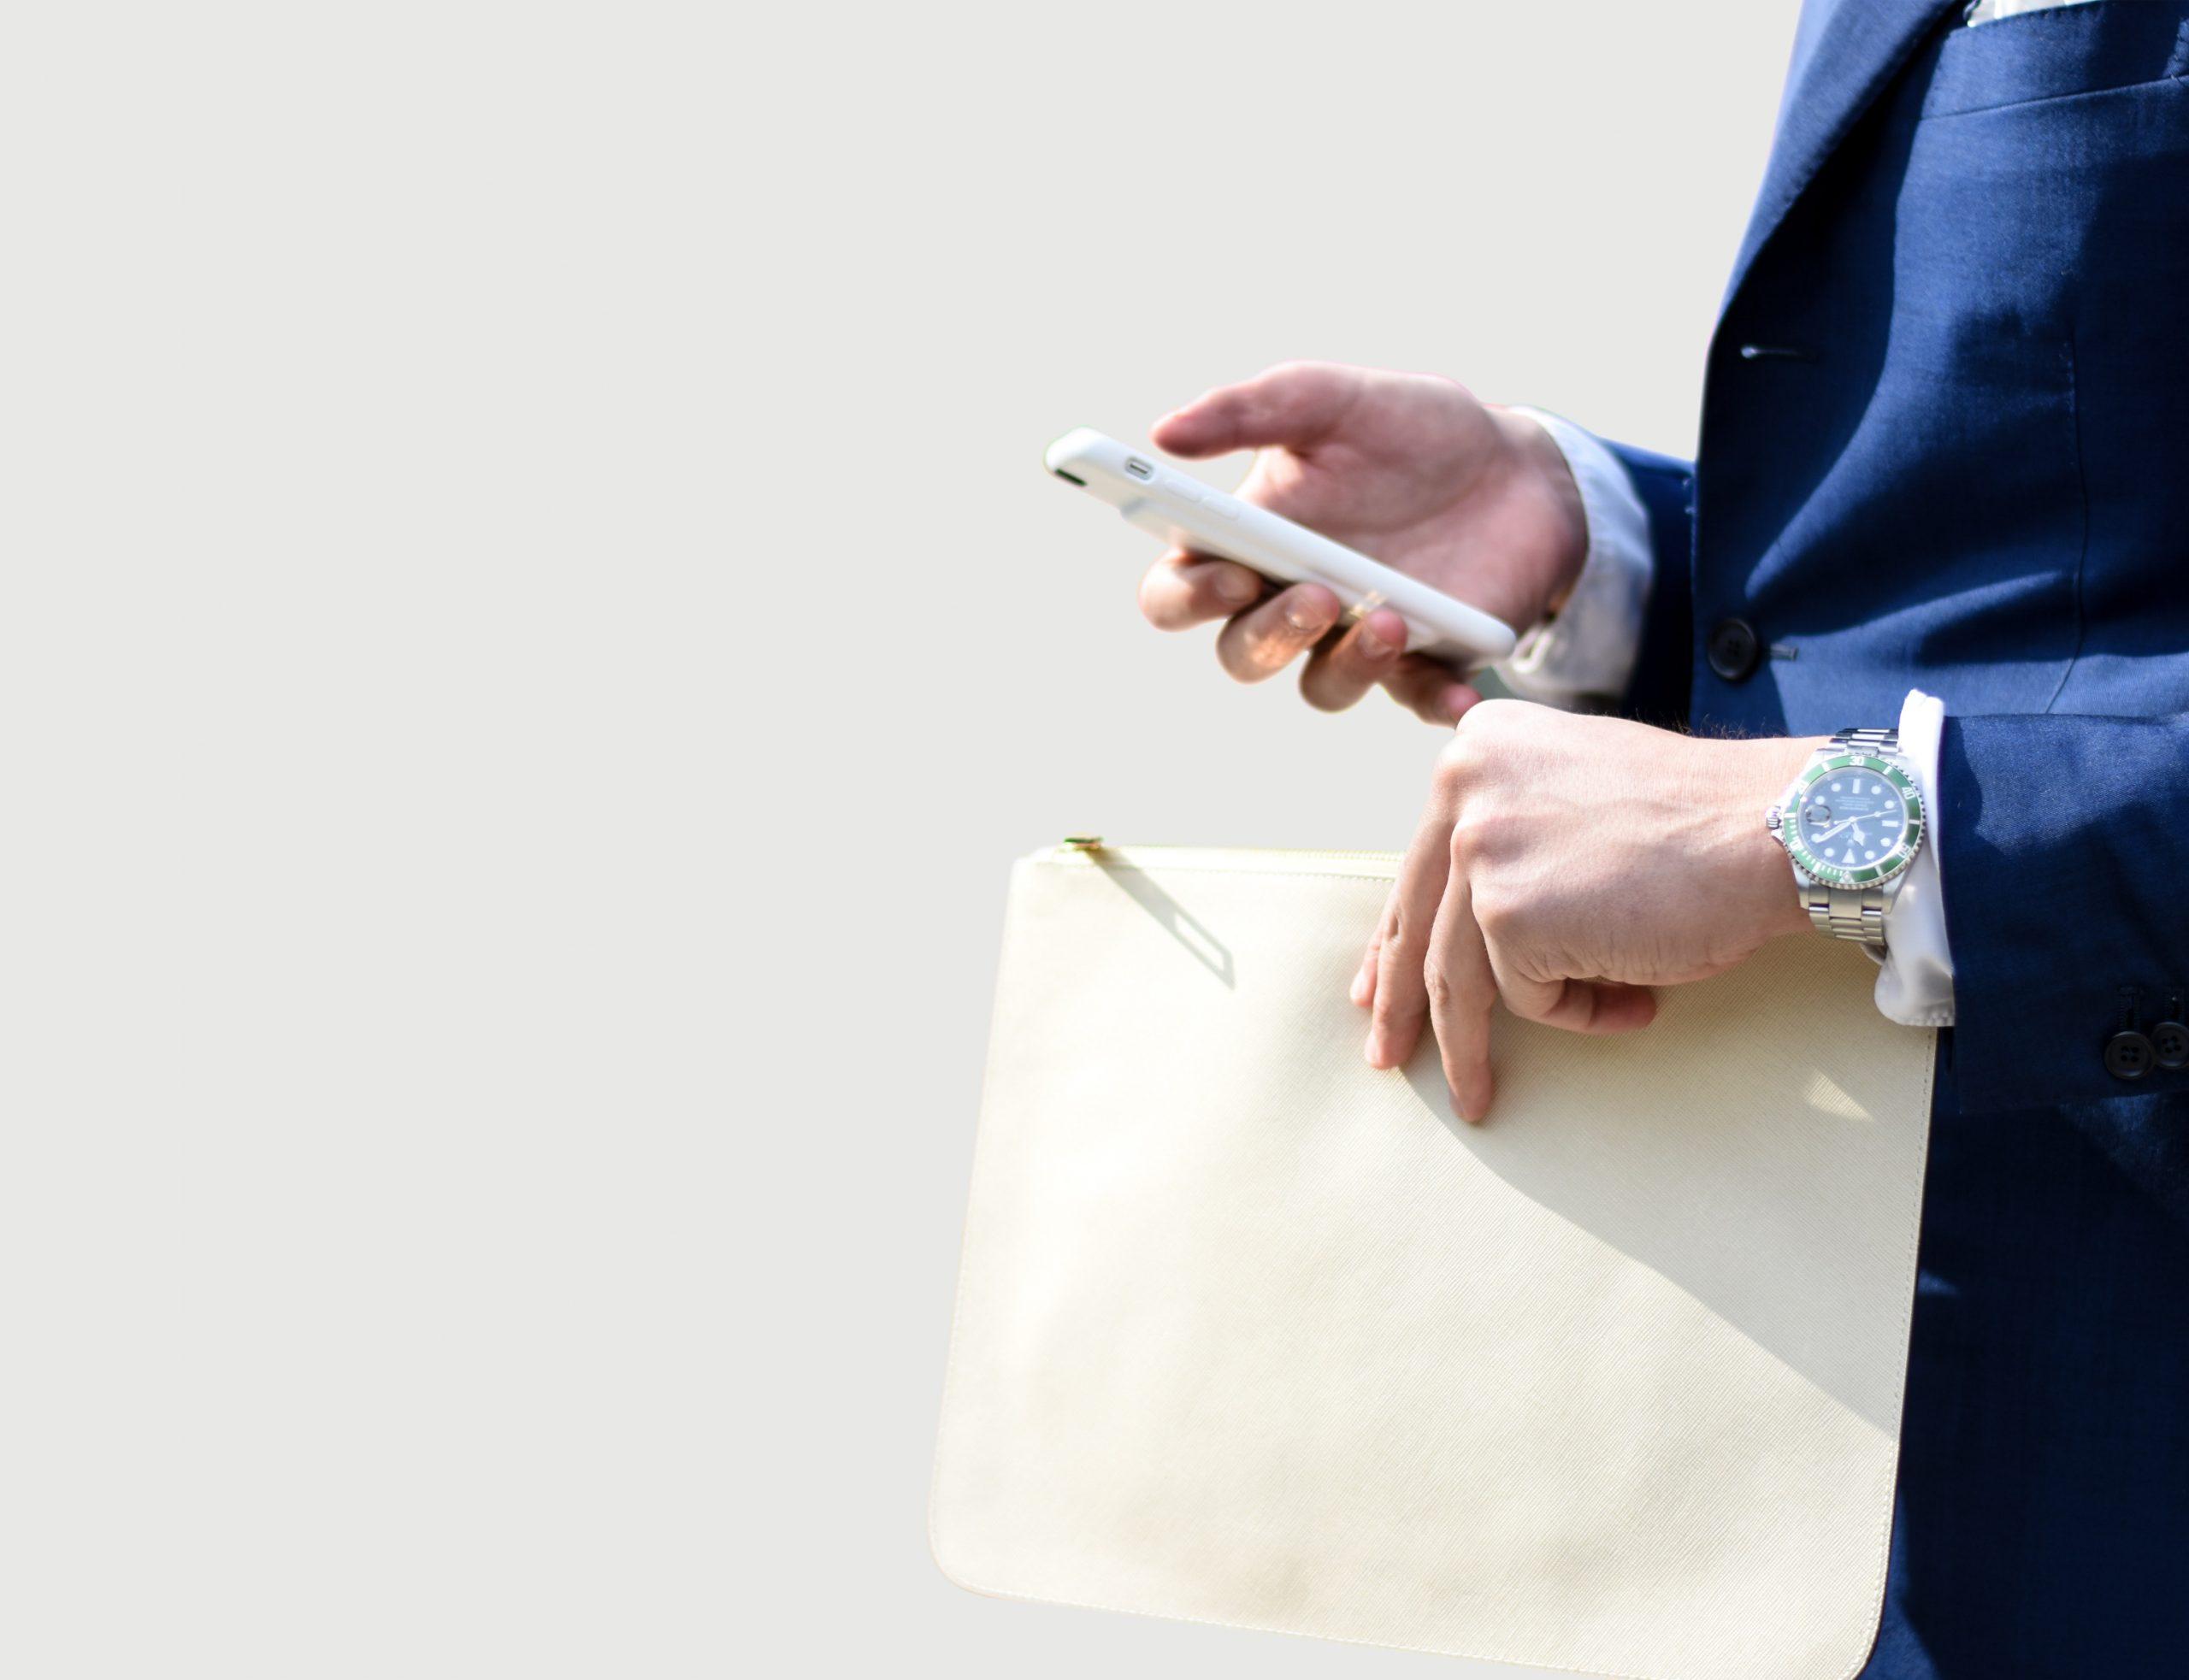 EUX Sistemi za grilje pozadinska slika partnerstva osoba sa mapom i mobitelom u ruci poziva poduzeće